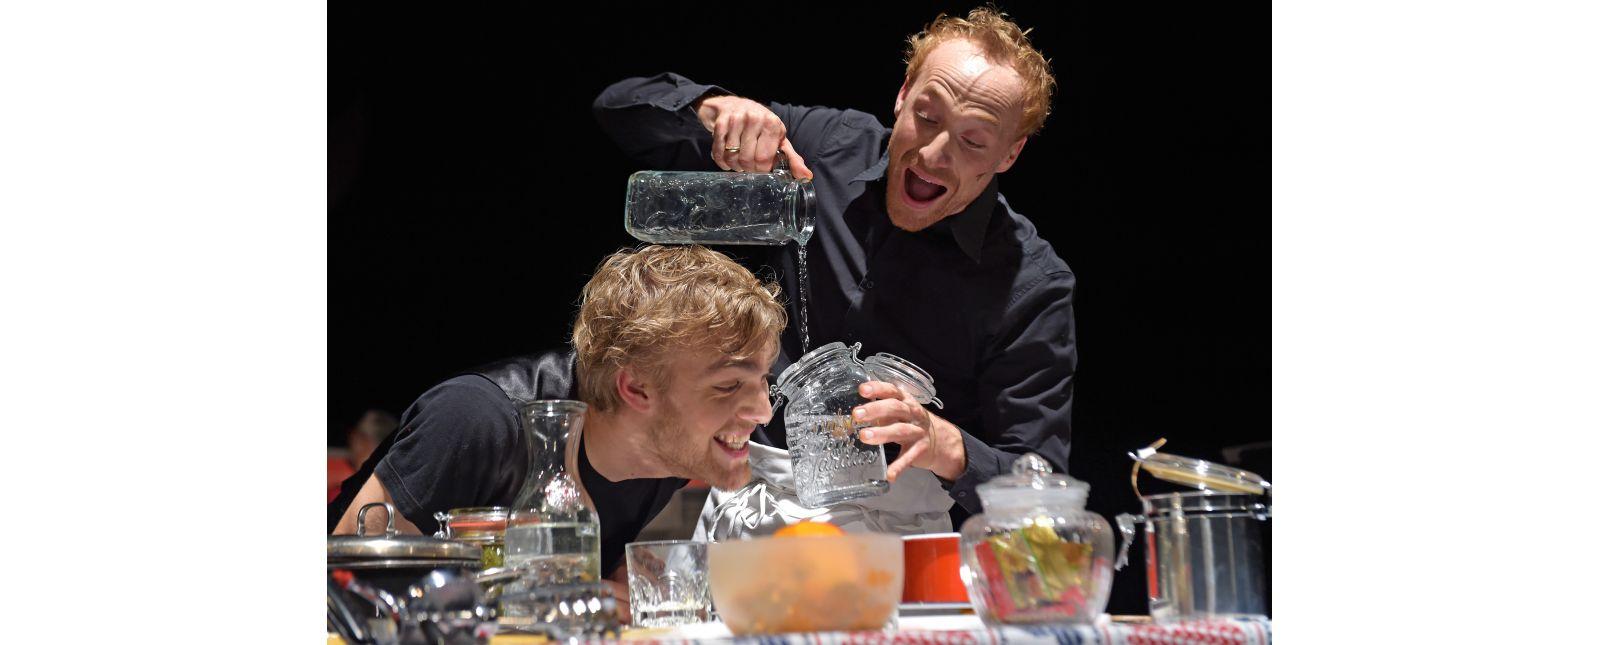 Teufels Küche // Justin Auer, Philipp Schiemenz // 2017 // Foto: Maurice Korbel